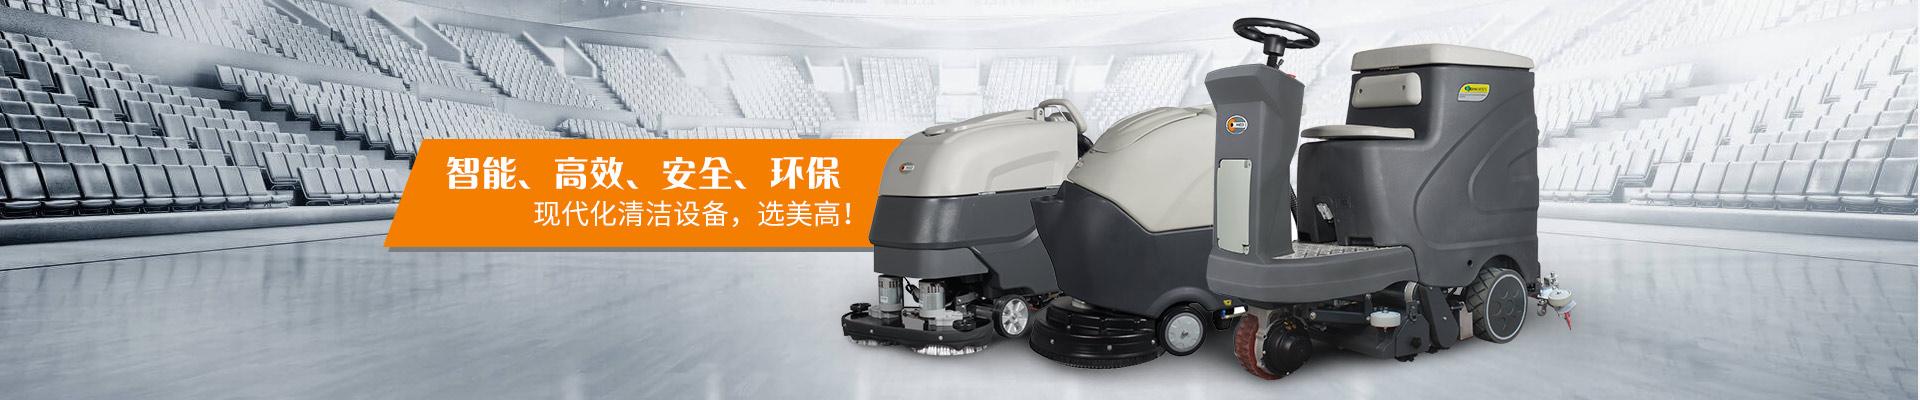 美高洗地机-现代化清洁设备